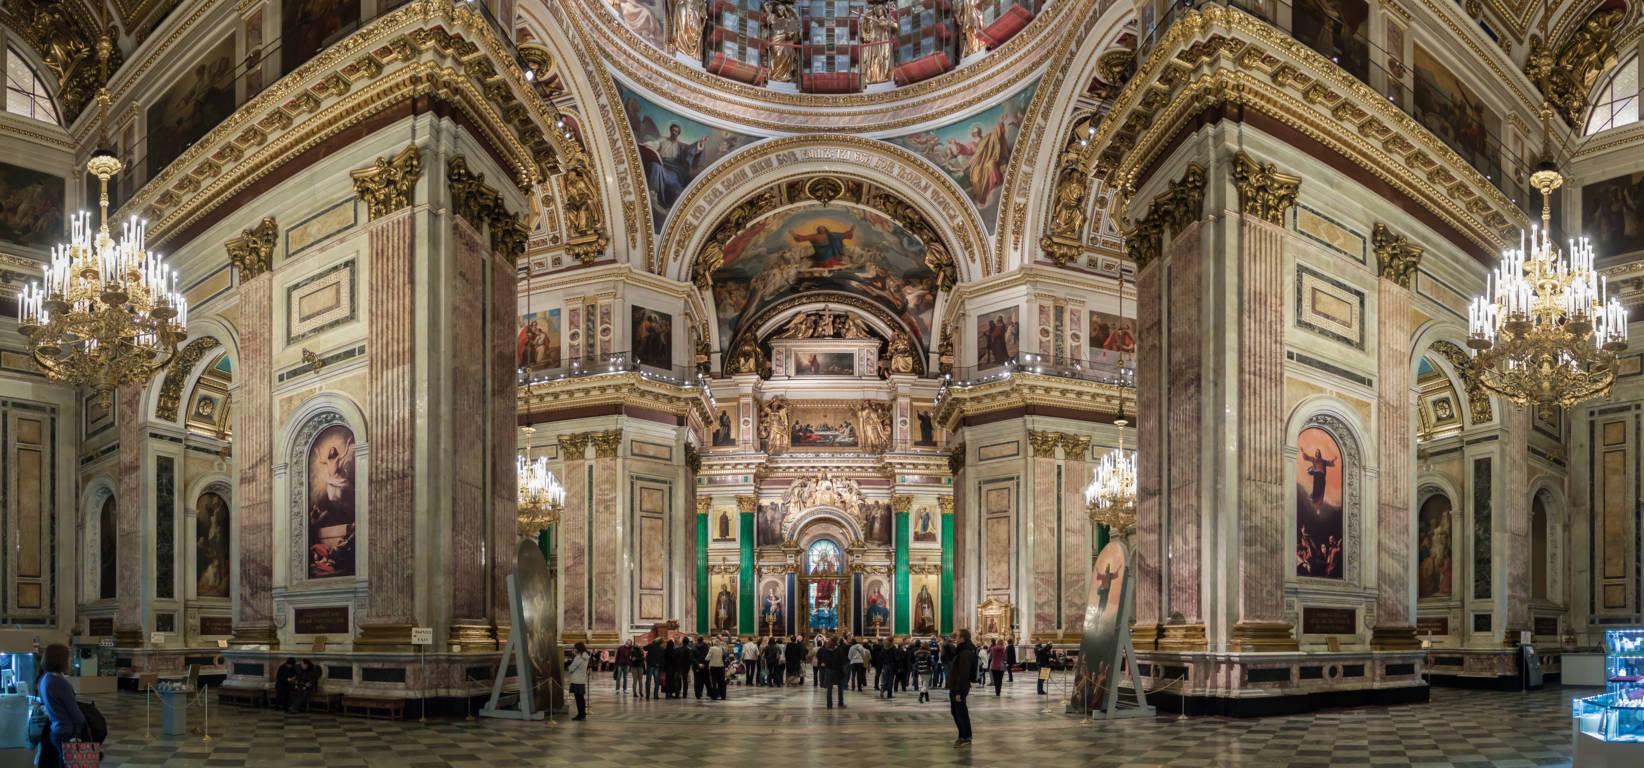 کلیسای اسحاق سنت پترزبورگ